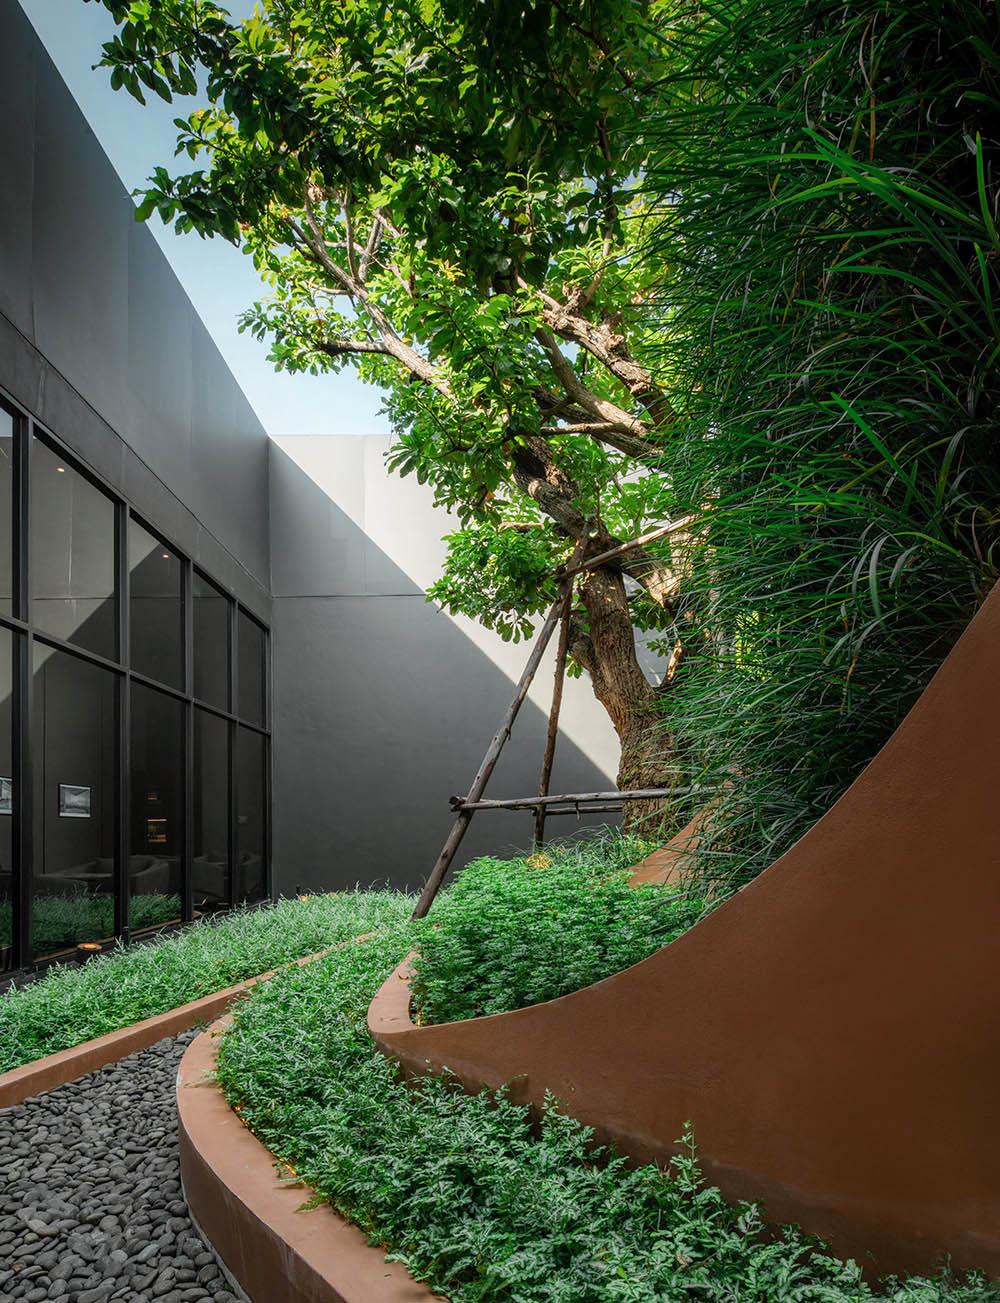 Thiết kế thi công sân vườn cho phòng chờ cực chất - MongardenThiết kế thi công sân vườn cho phòng chờ cực chất - Mongarden